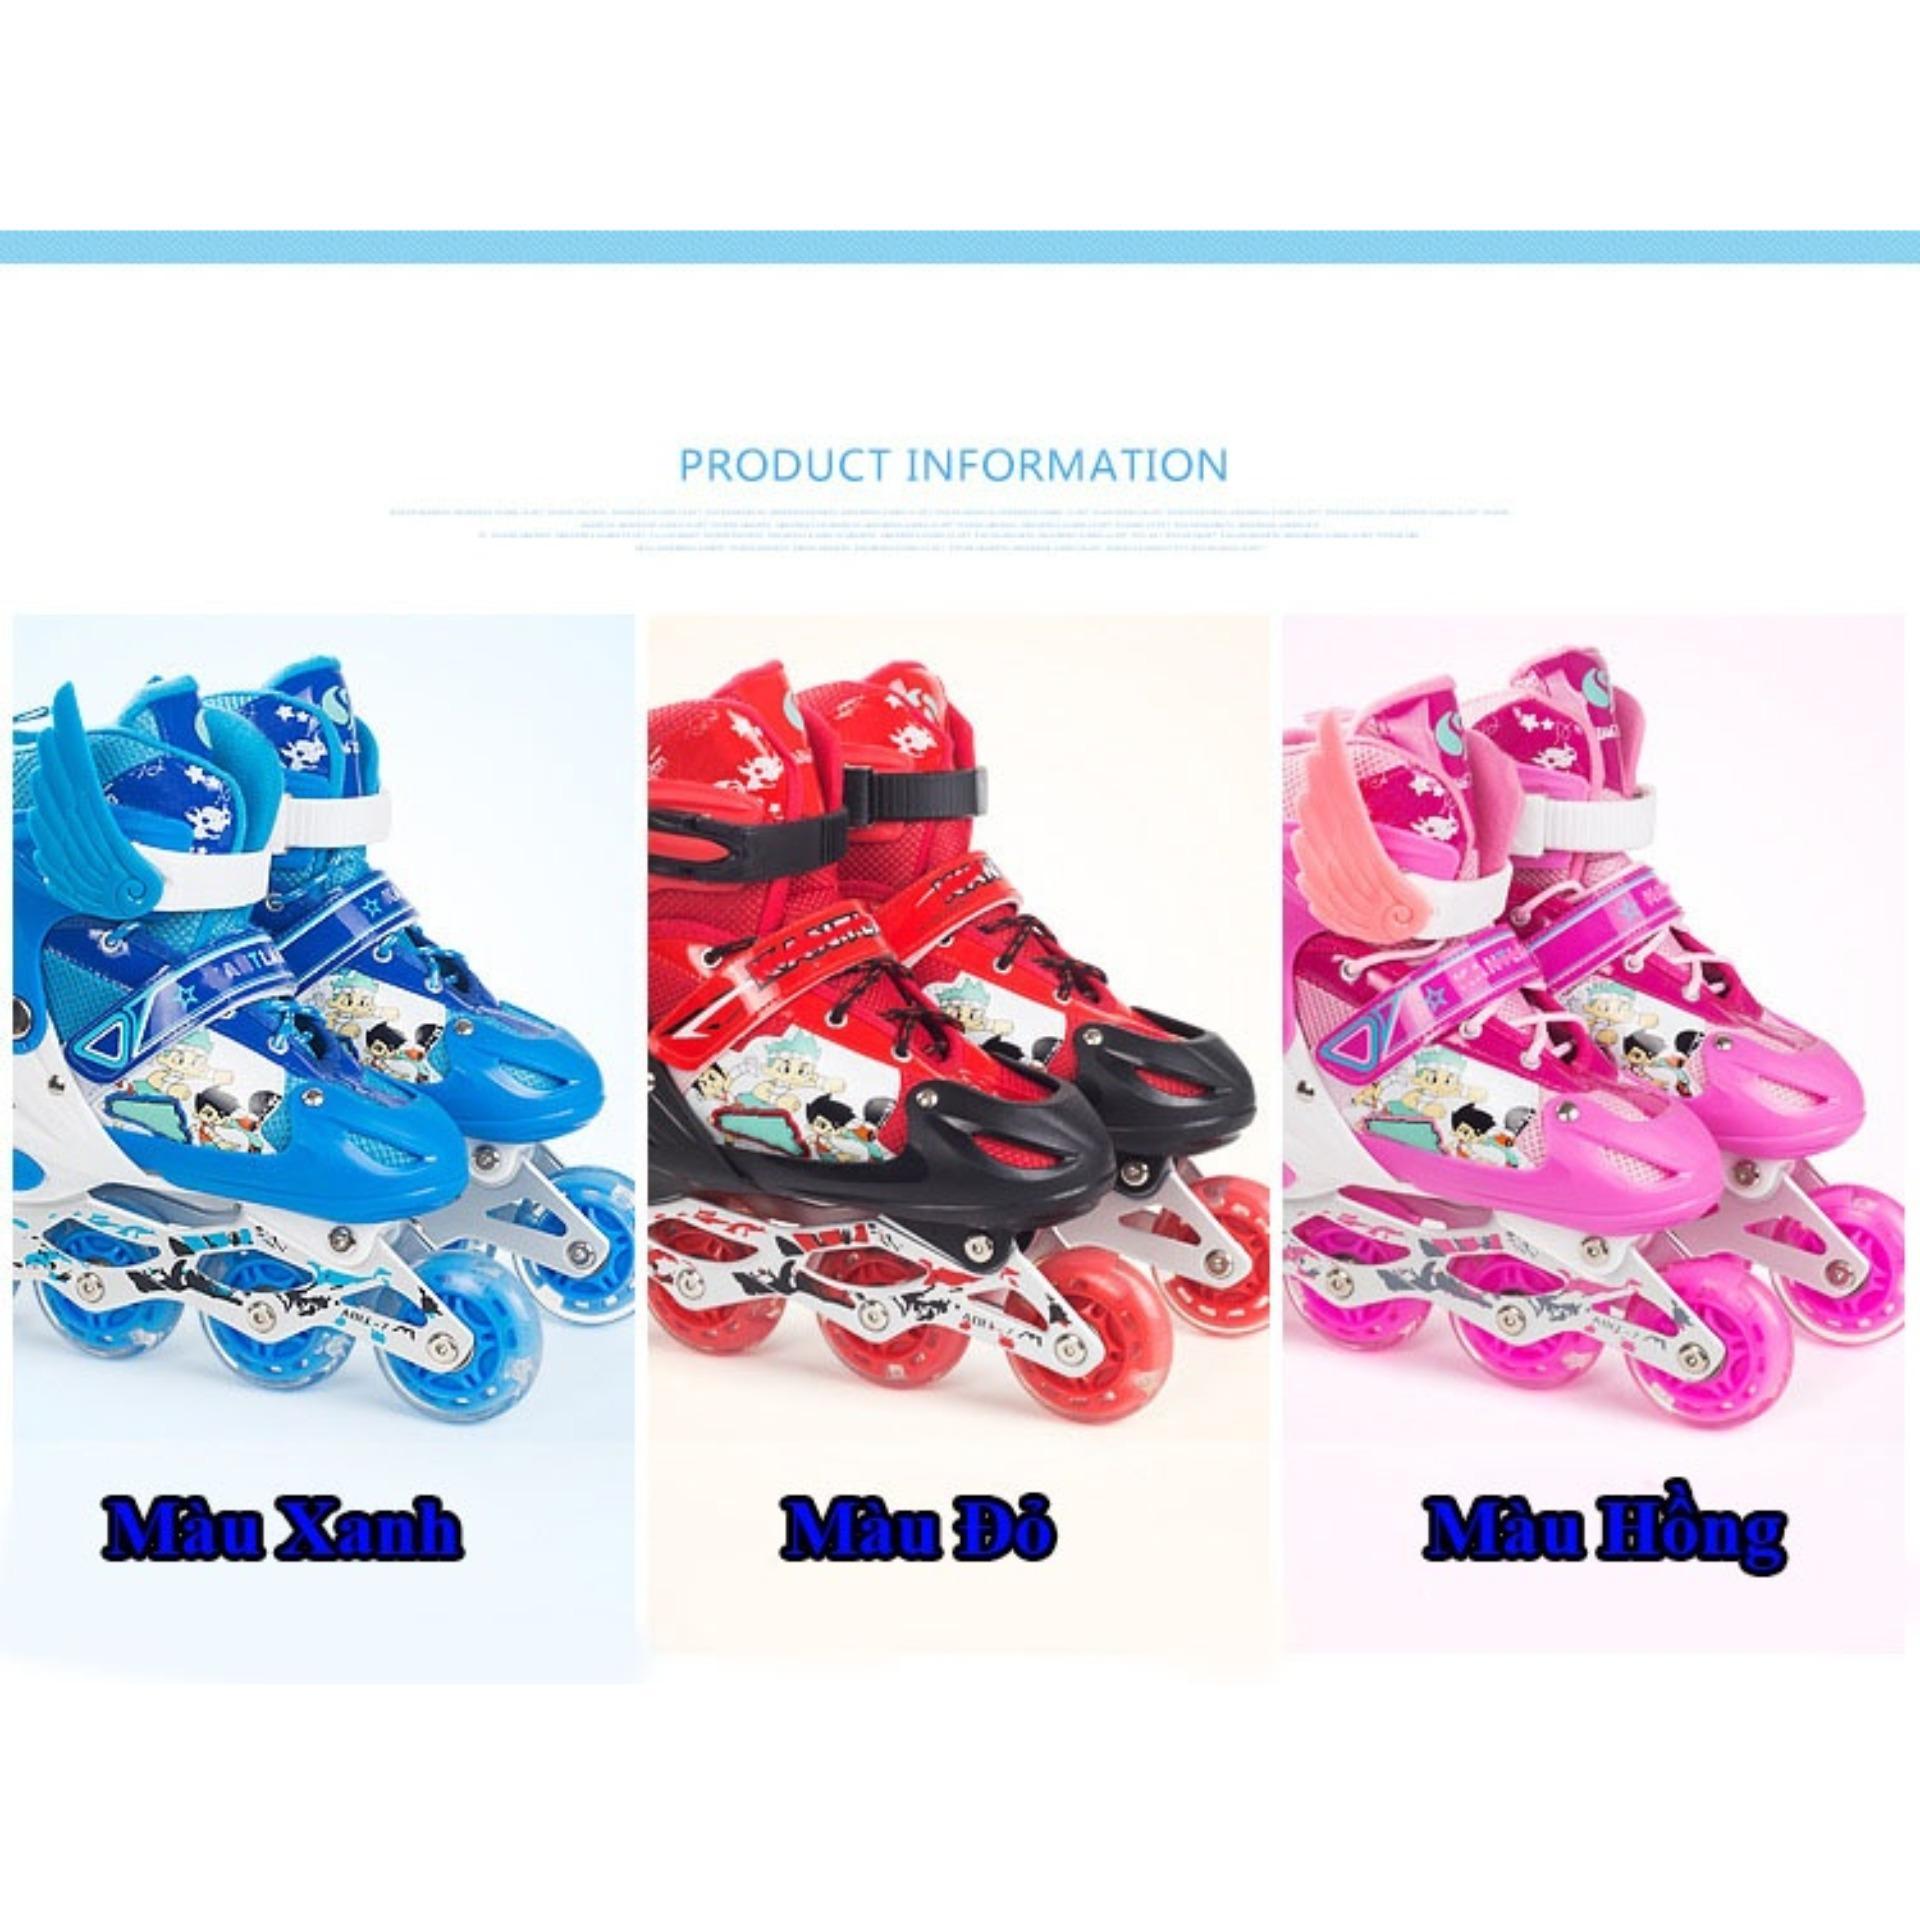 Giầy patin cho trẻ em,giày patin trẻ em tphcm - Giày Patin Trẻ Em, Chắc Chắn, Ôm Sát Chân Chân,  Giúp Bé Vui Chơi Thỏa Thích Mà Lại An Toàn, Sản Phẩm Cao Cấp -Tặng Kèm Bộ Bảo Hộ Đáng Yêu  - Mẫu Mới 2046